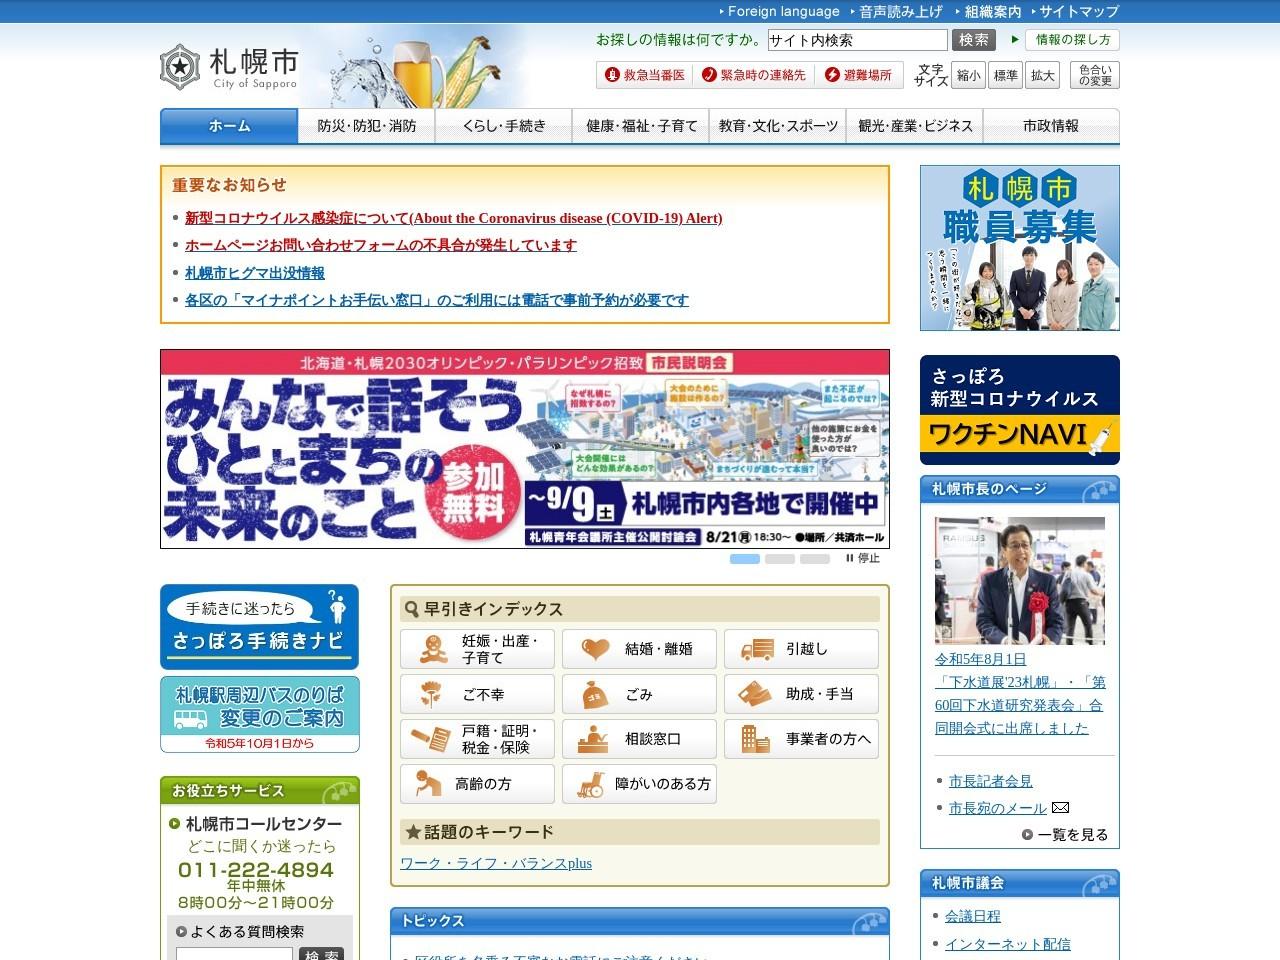 http://www.city.sapporo.jp/kiyota/beer/column/column04.html